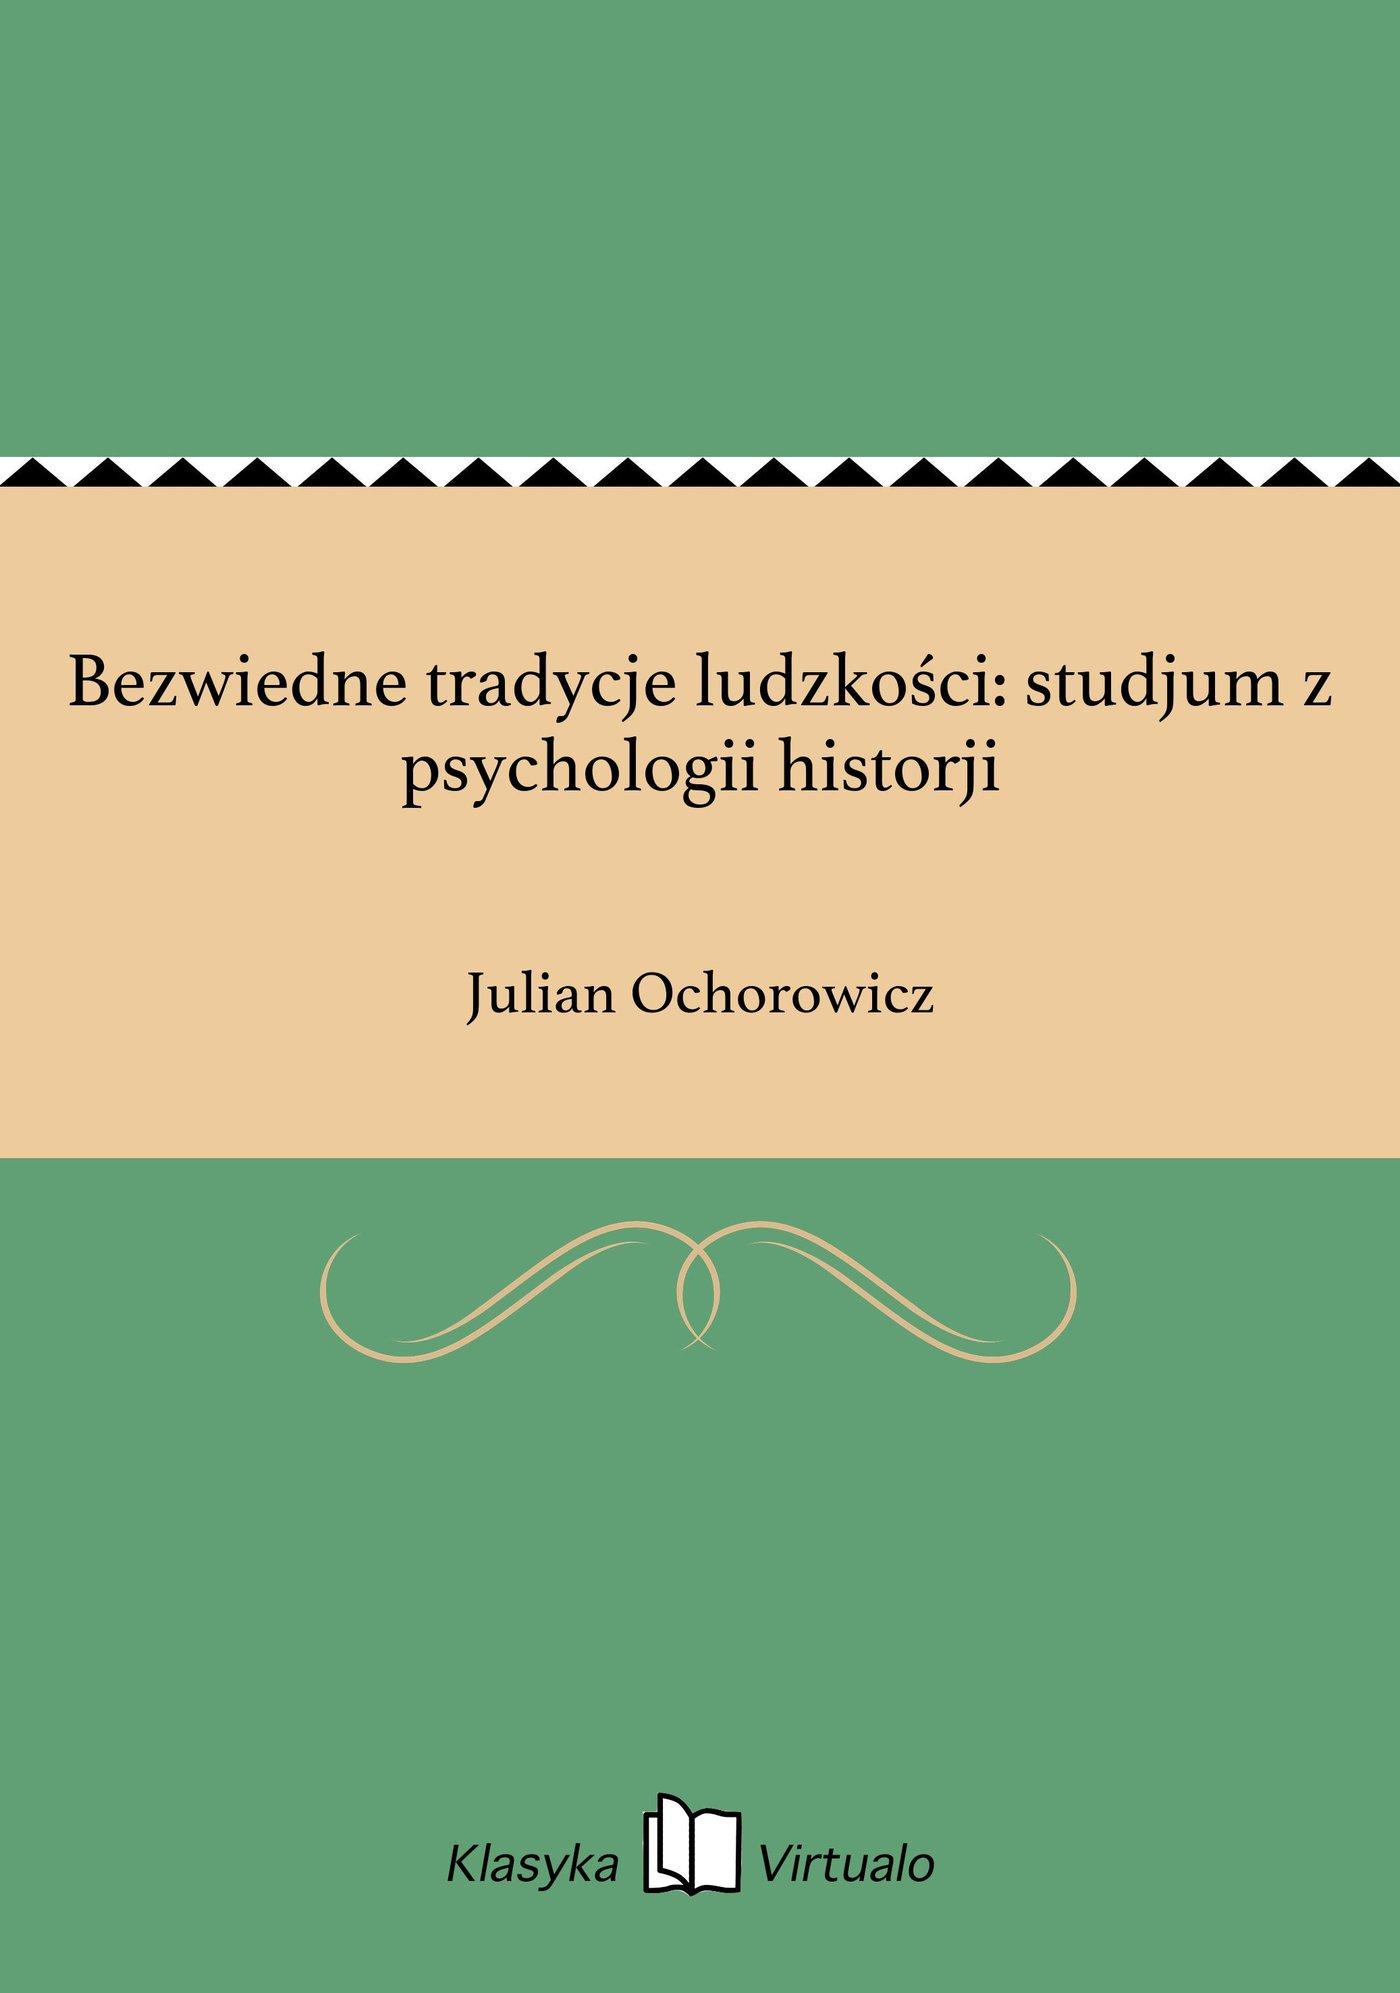 Bezwiedne tradycje ludzkości: studjum z psychologii historji - Ebook (Książka EPUB) do pobrania w formacie EPUB